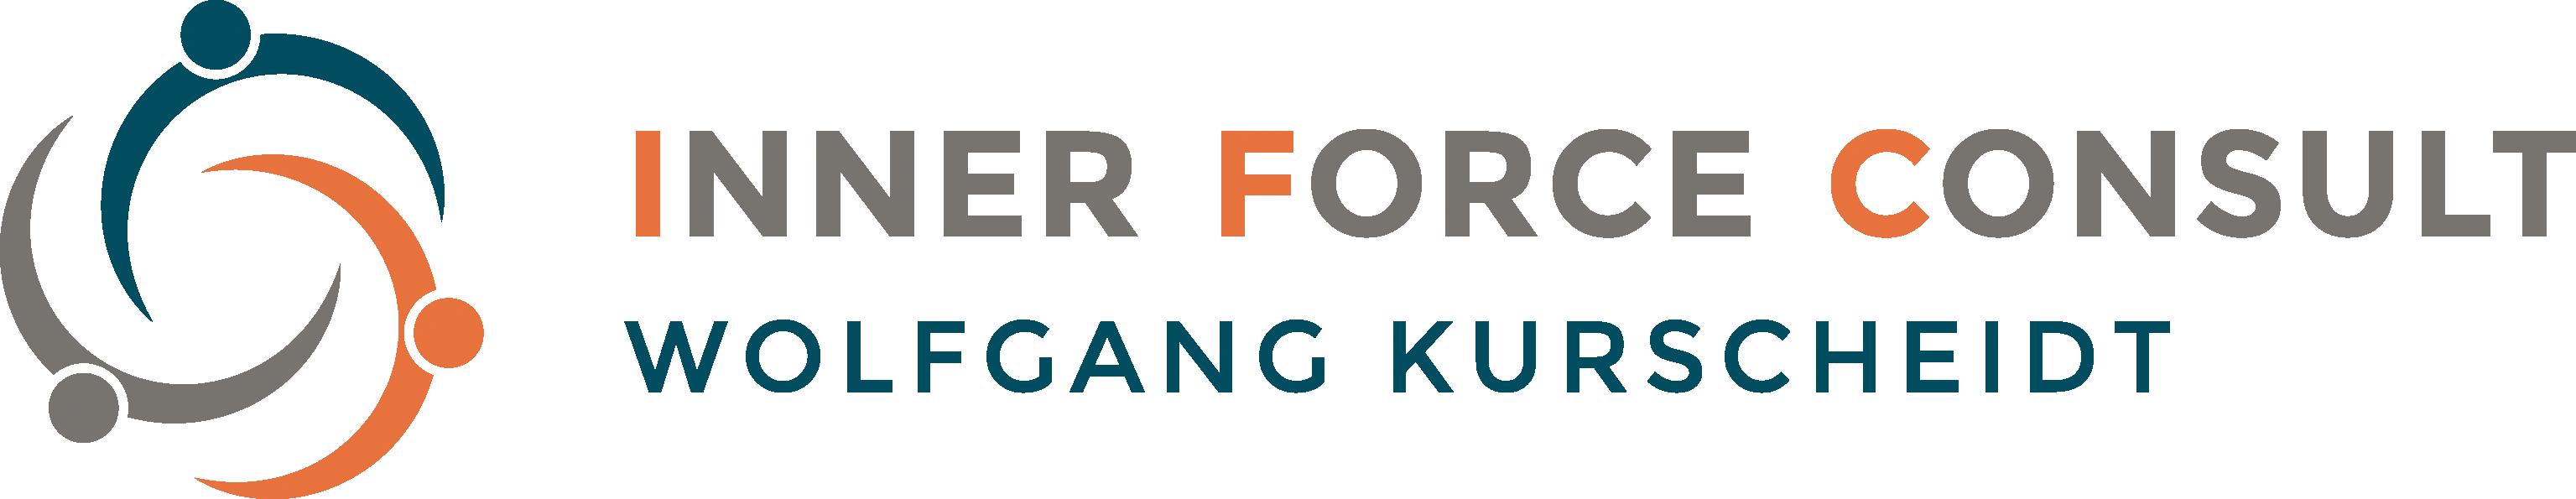 Inner Force Consult – Wolfgang Kurscheidt